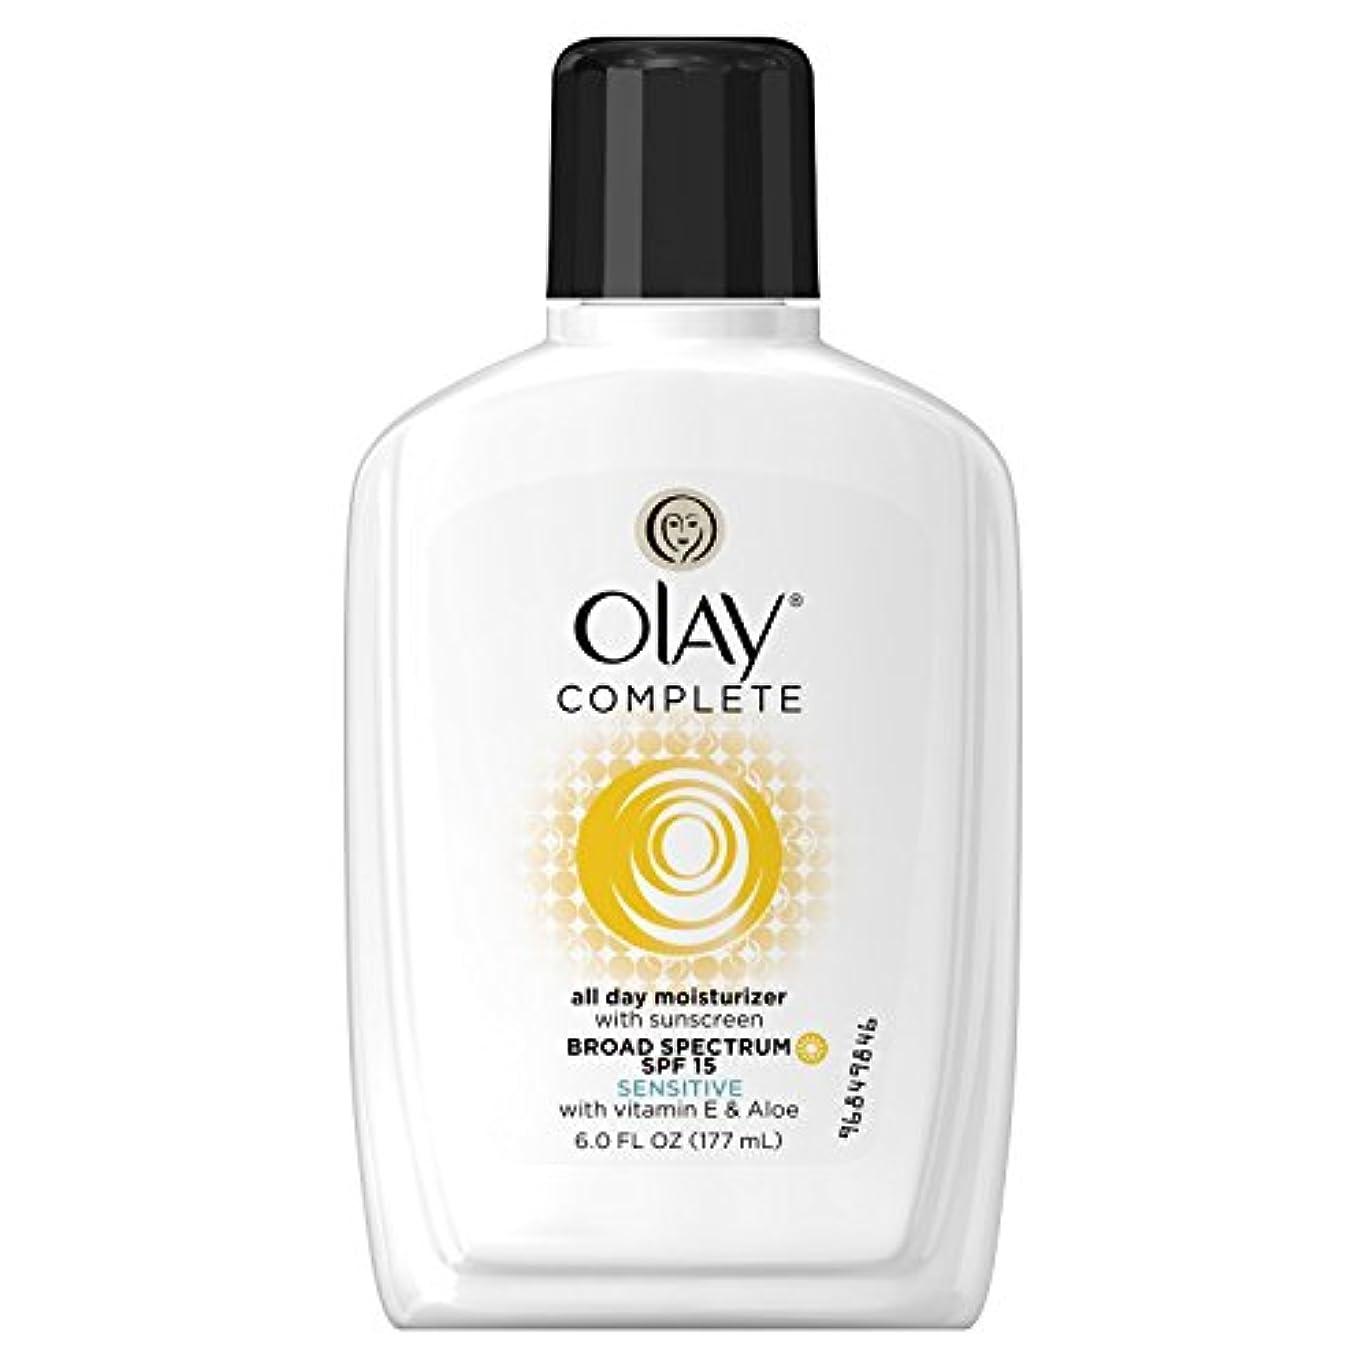 版ラメ主張Olay Complete オーレイスペクトラムモイスチャライザーセンシティブ肌 SPF15 170mlx2 [並行輸入品]